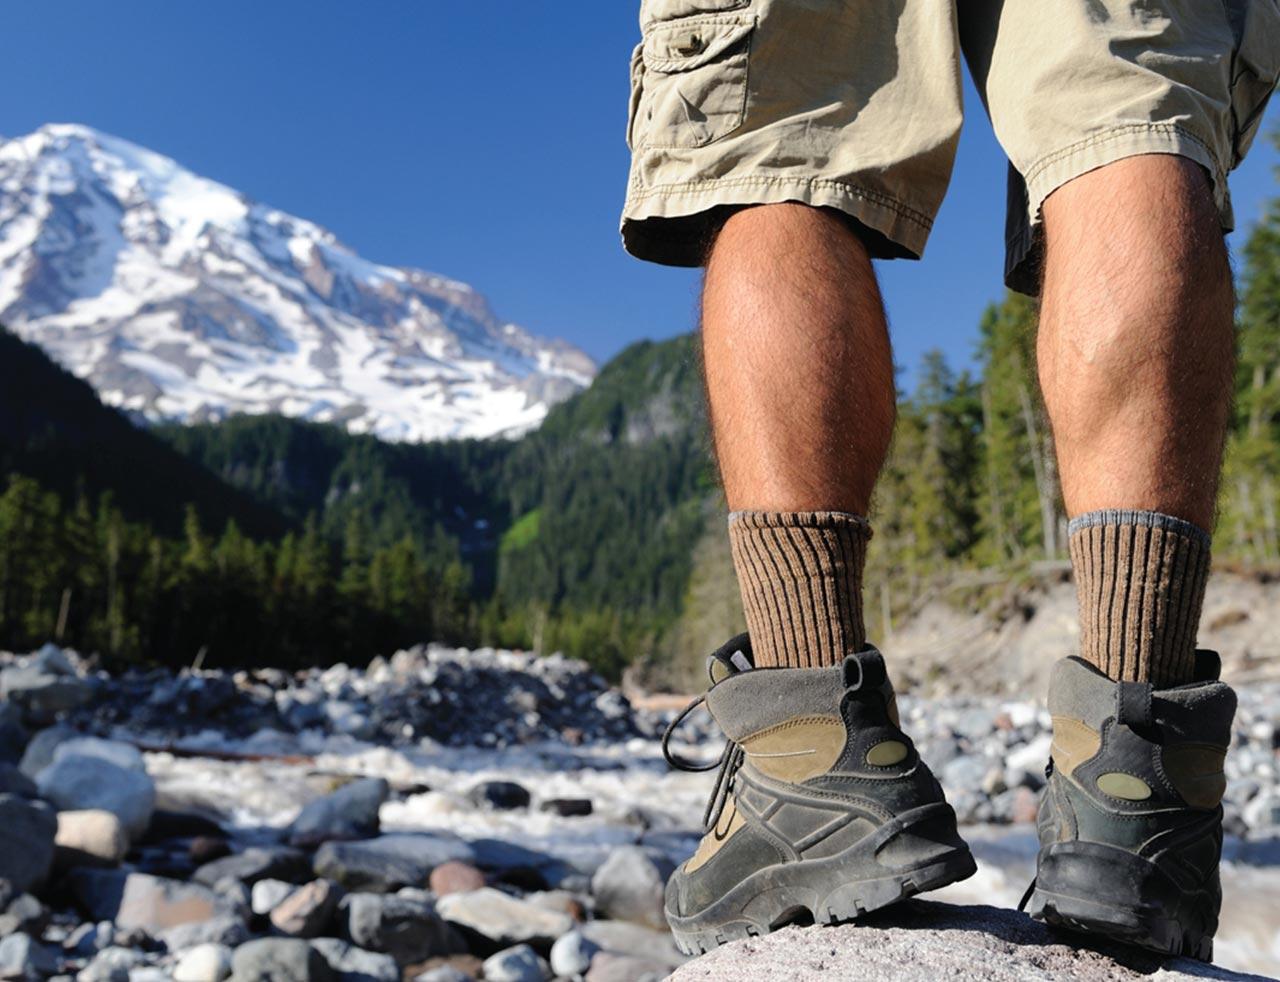 Escursionista con scarpe da trekking